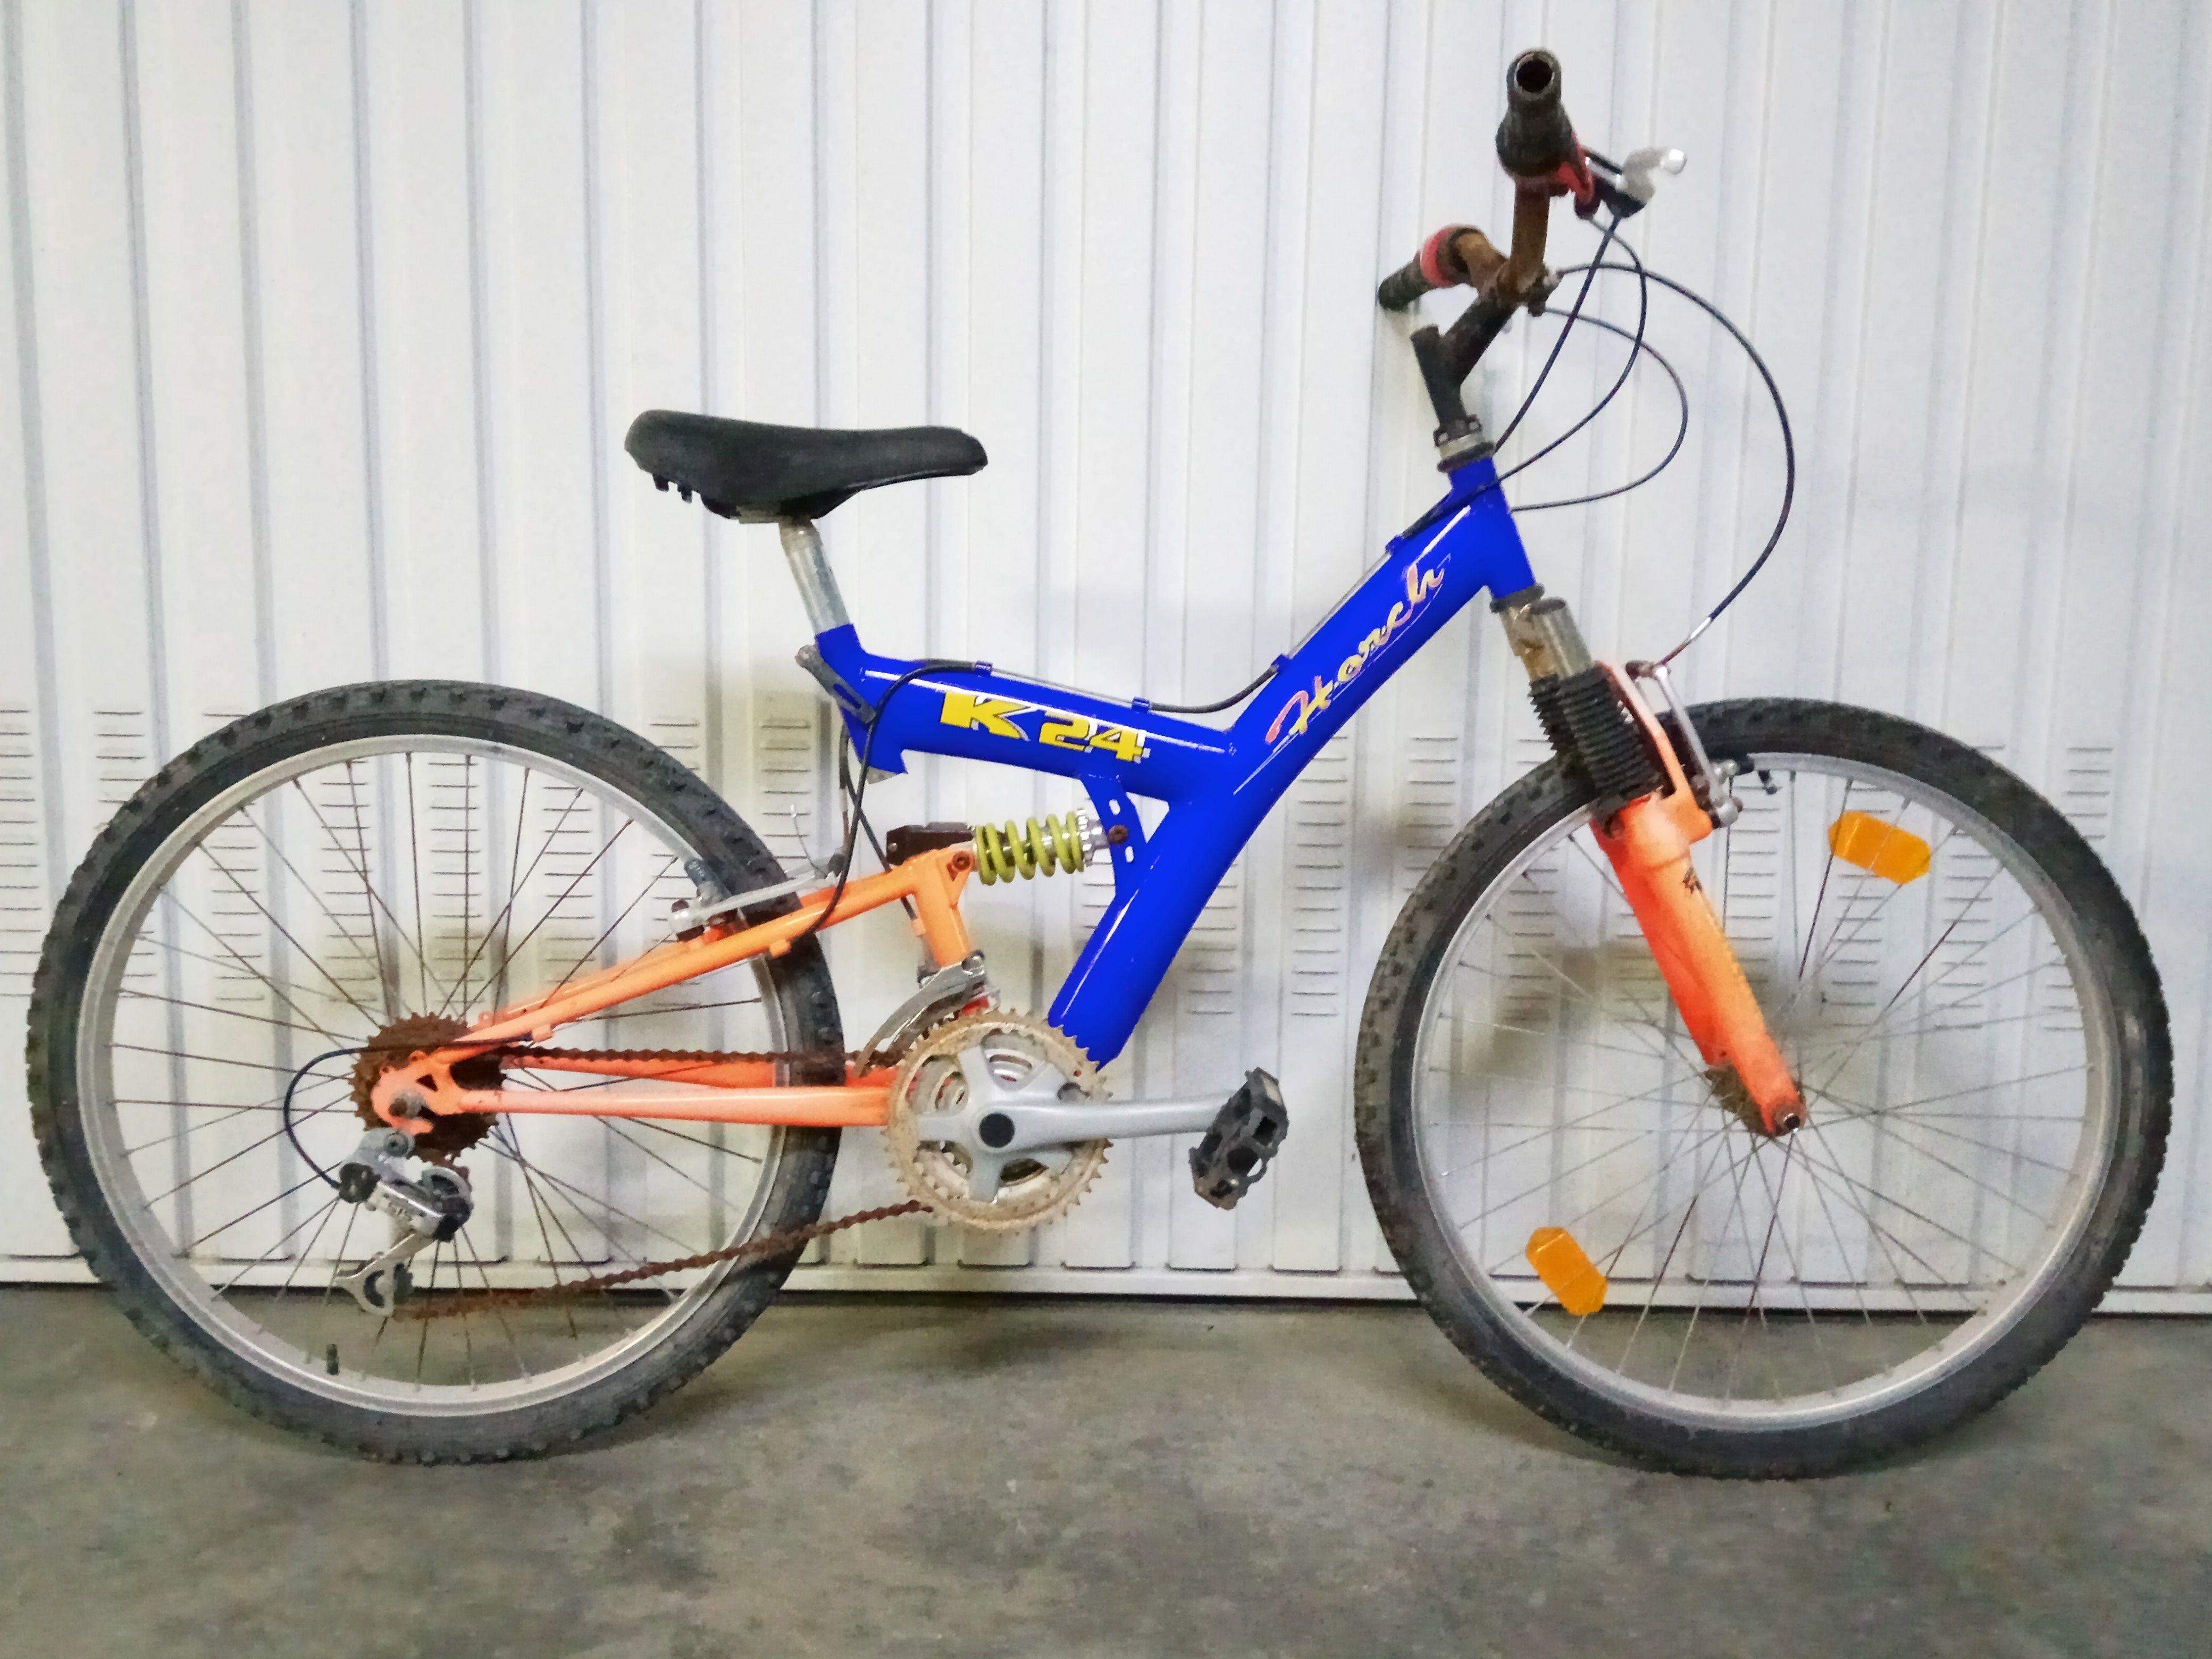 Bicicleta con Doble Amortiguador 65€ MARCA: Horch MODELO: K24 CLASE ...